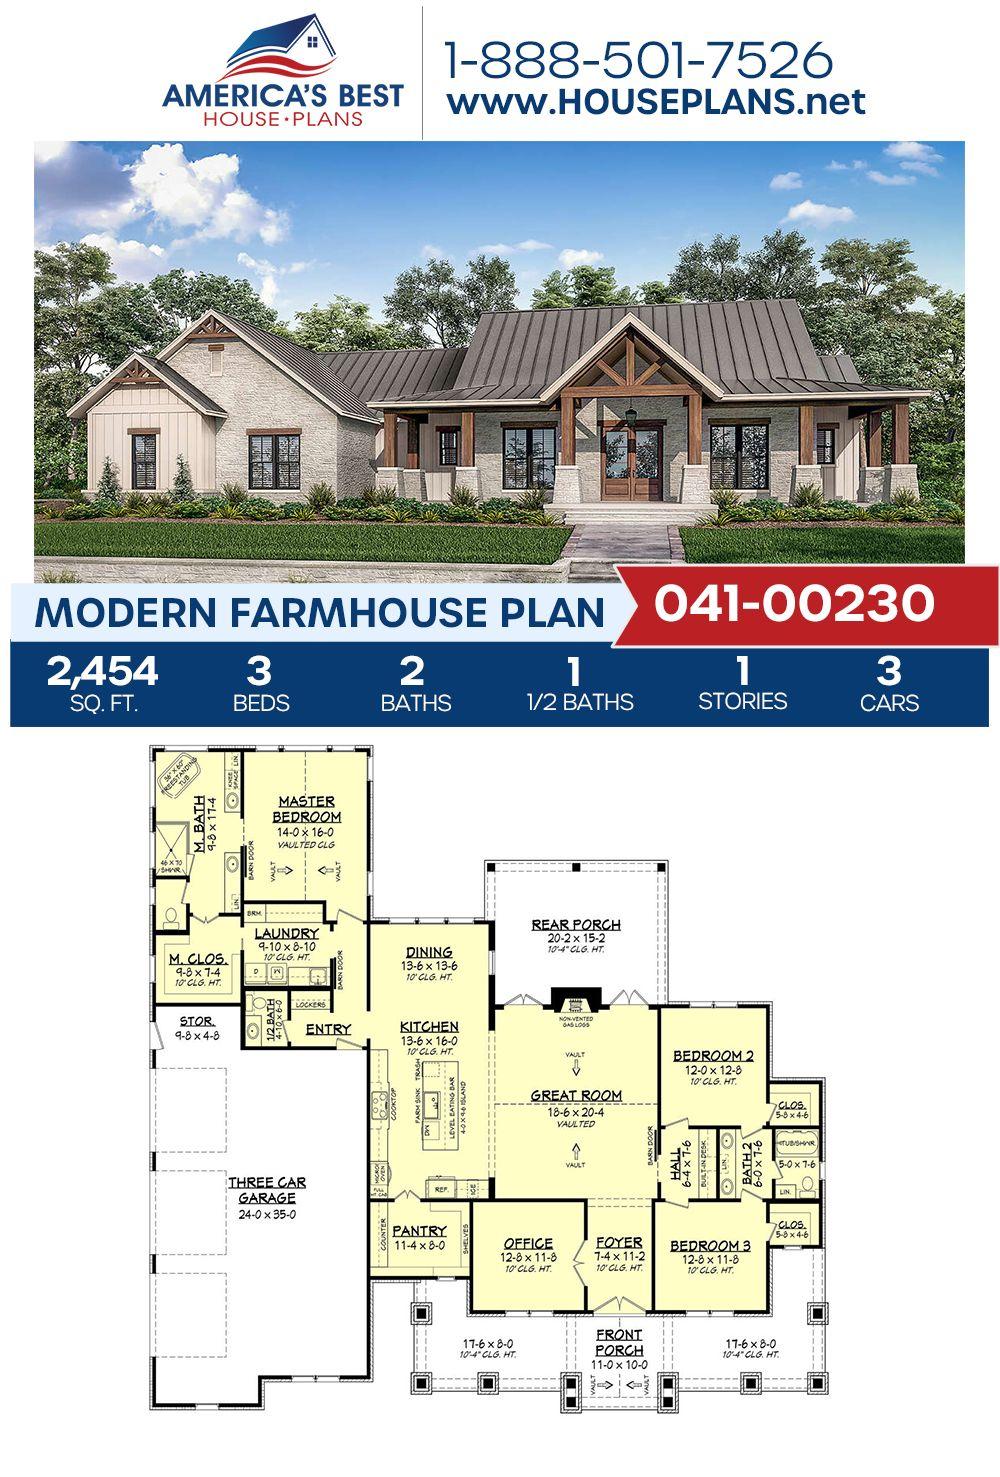 Modern Farmhouse Plan 041-00230